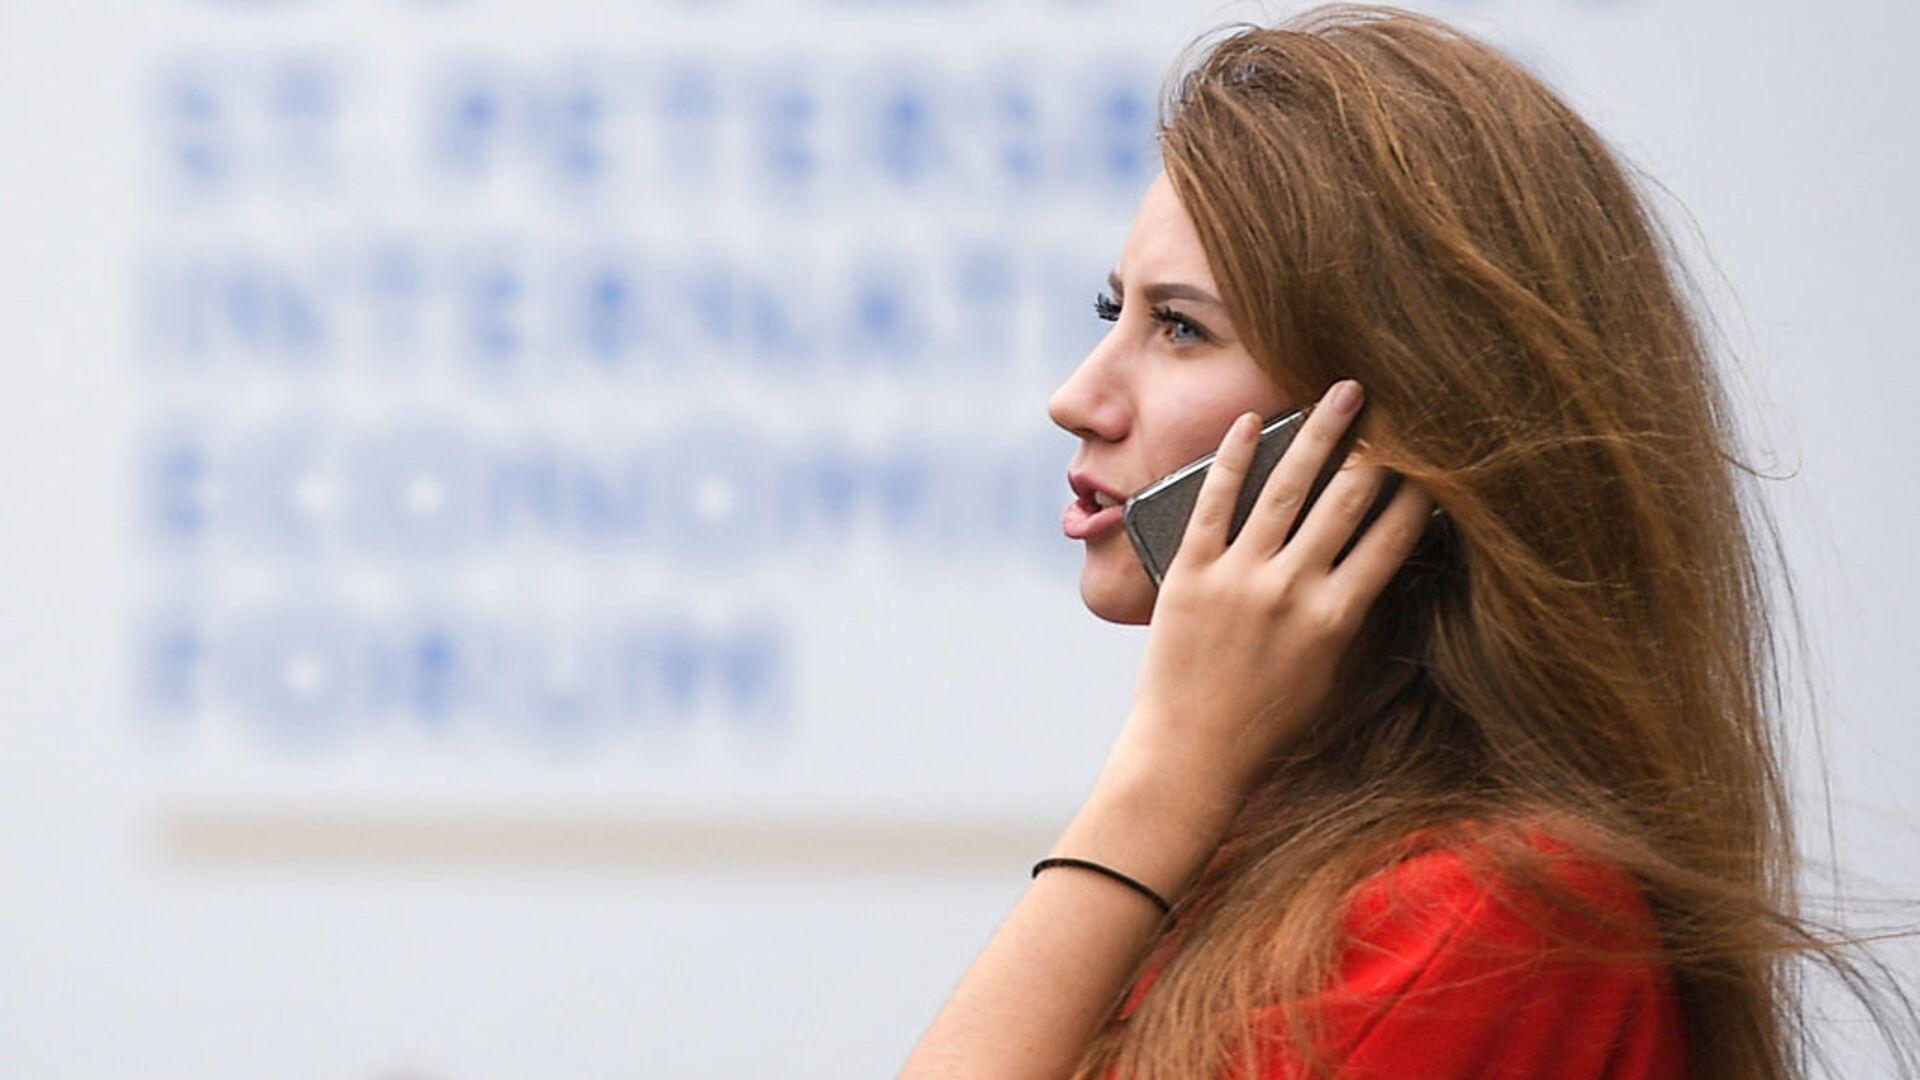 Девушка разговаривает по мобильному телефону - РИА Новости, 1920, 04.02.2021